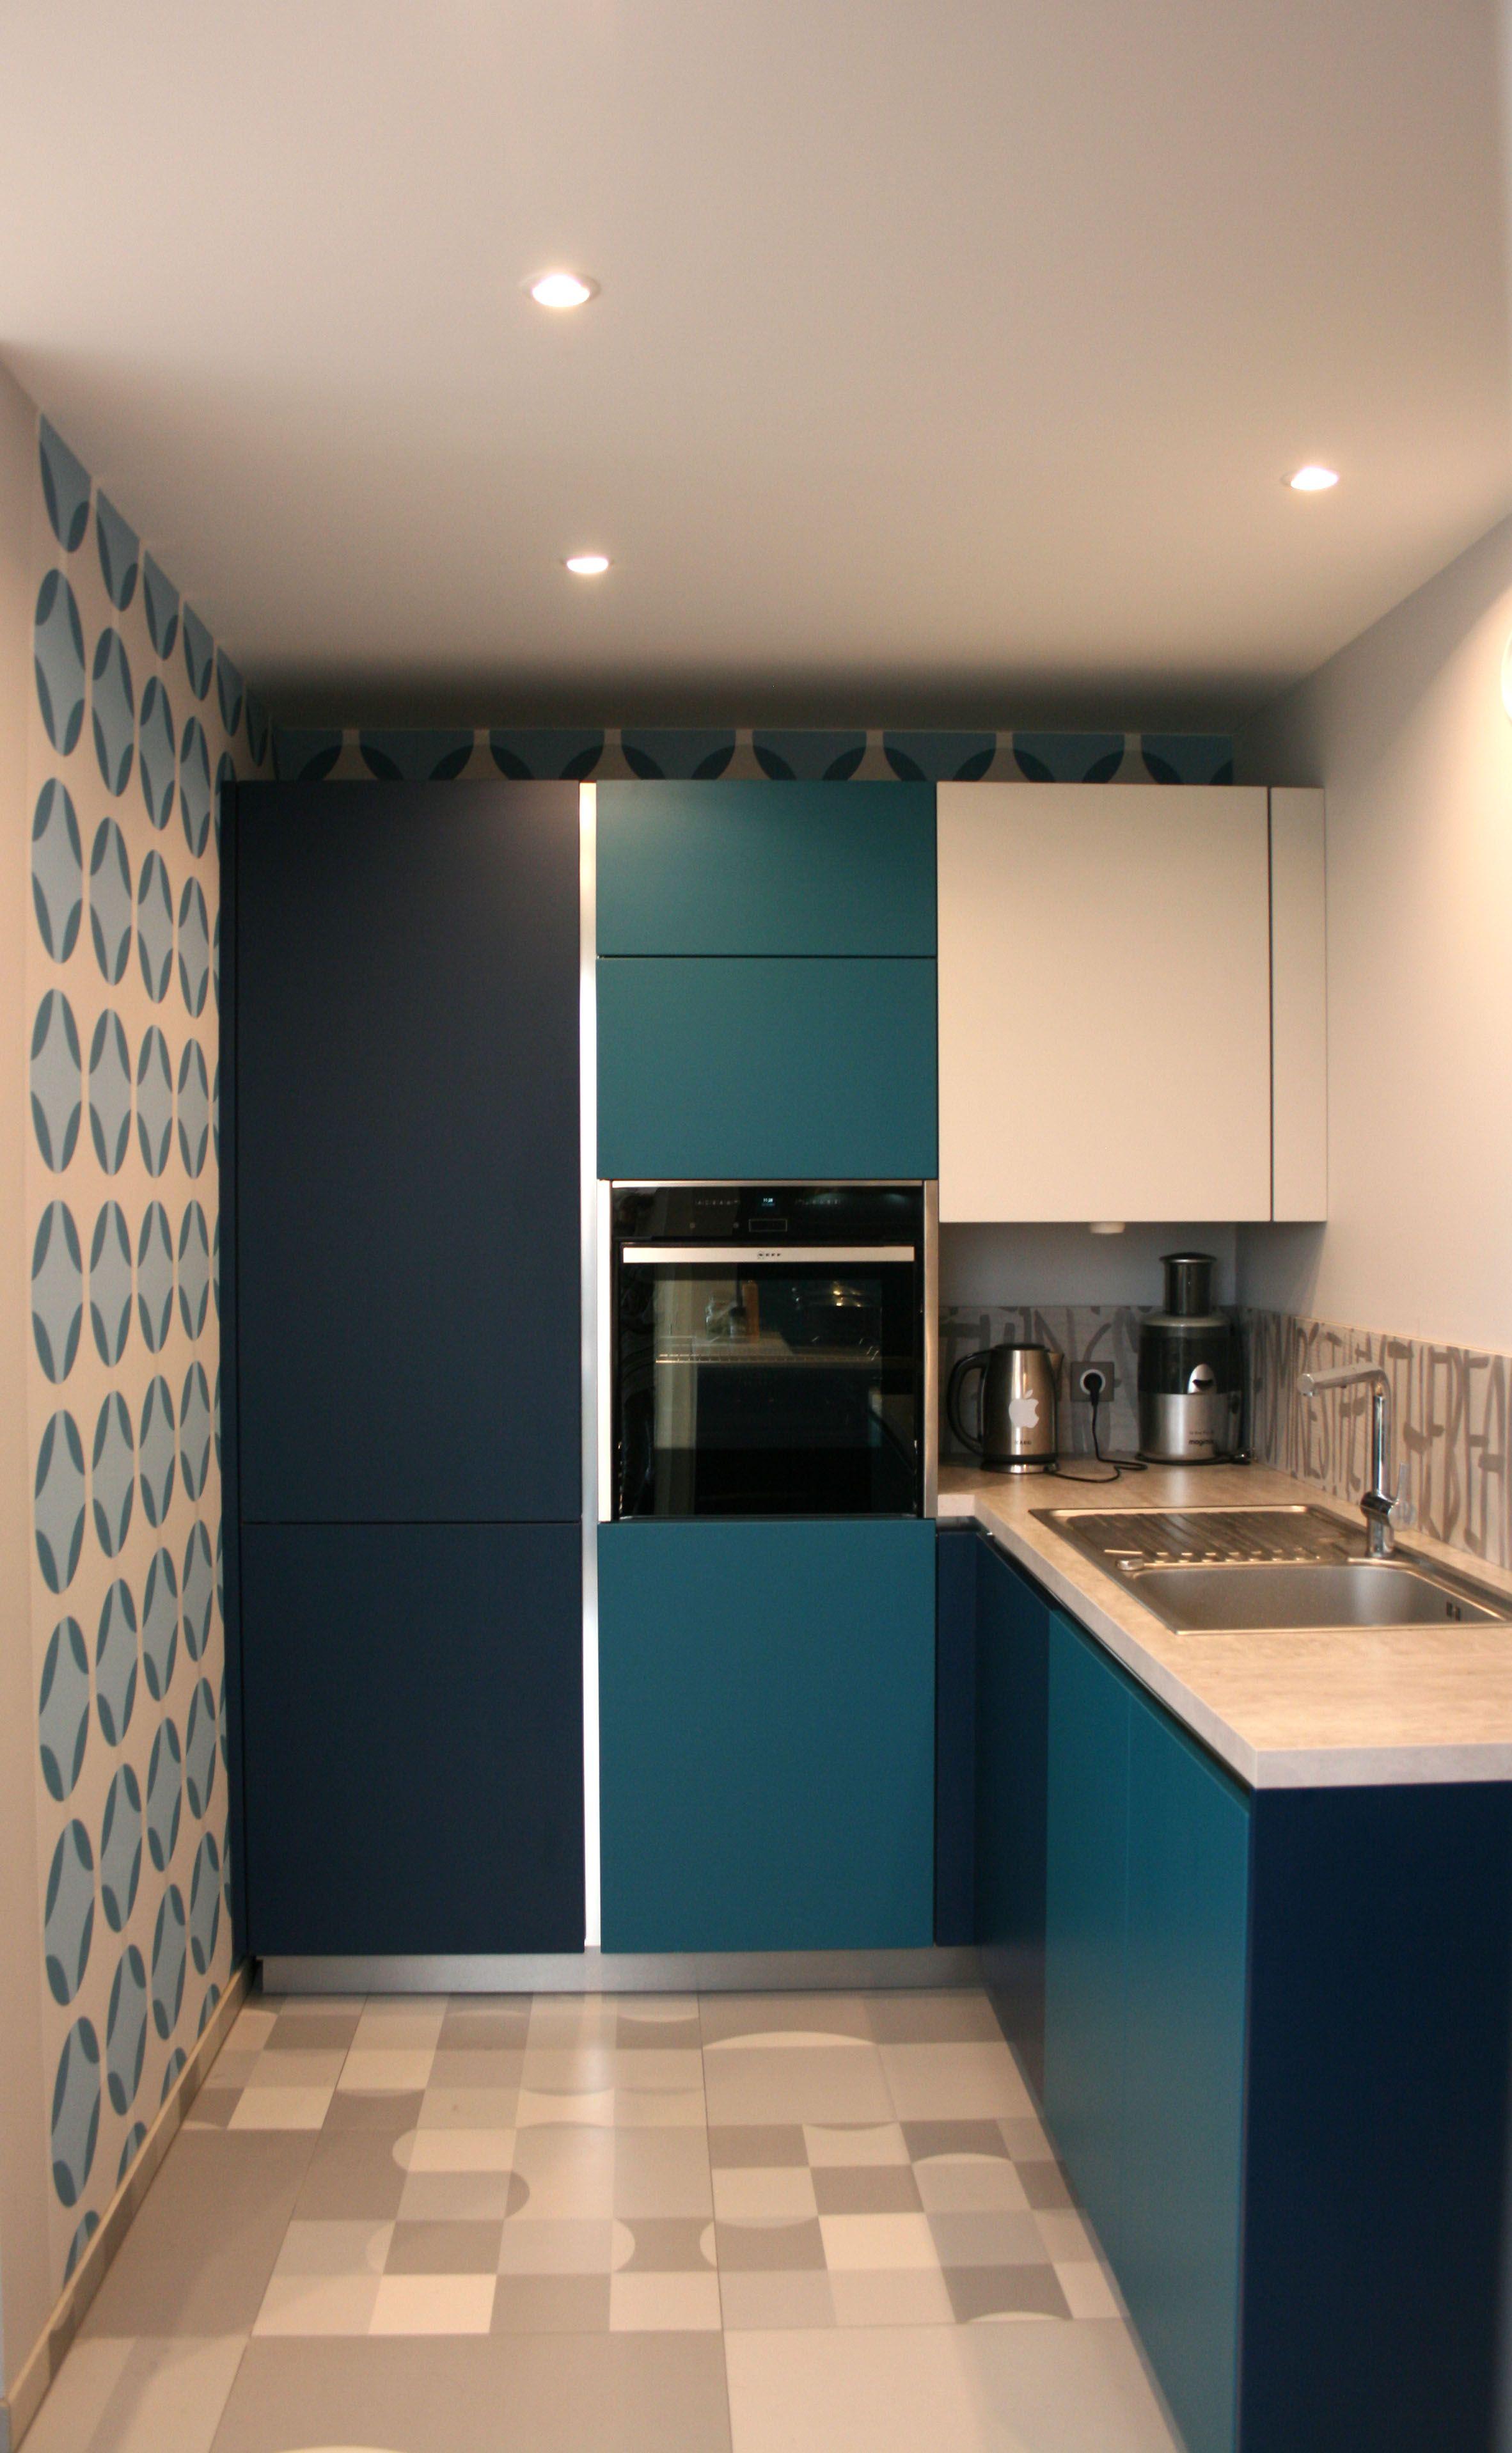 Renovation Cuisine Bleu Nocturne Bleu Canard Gris Papier Peint